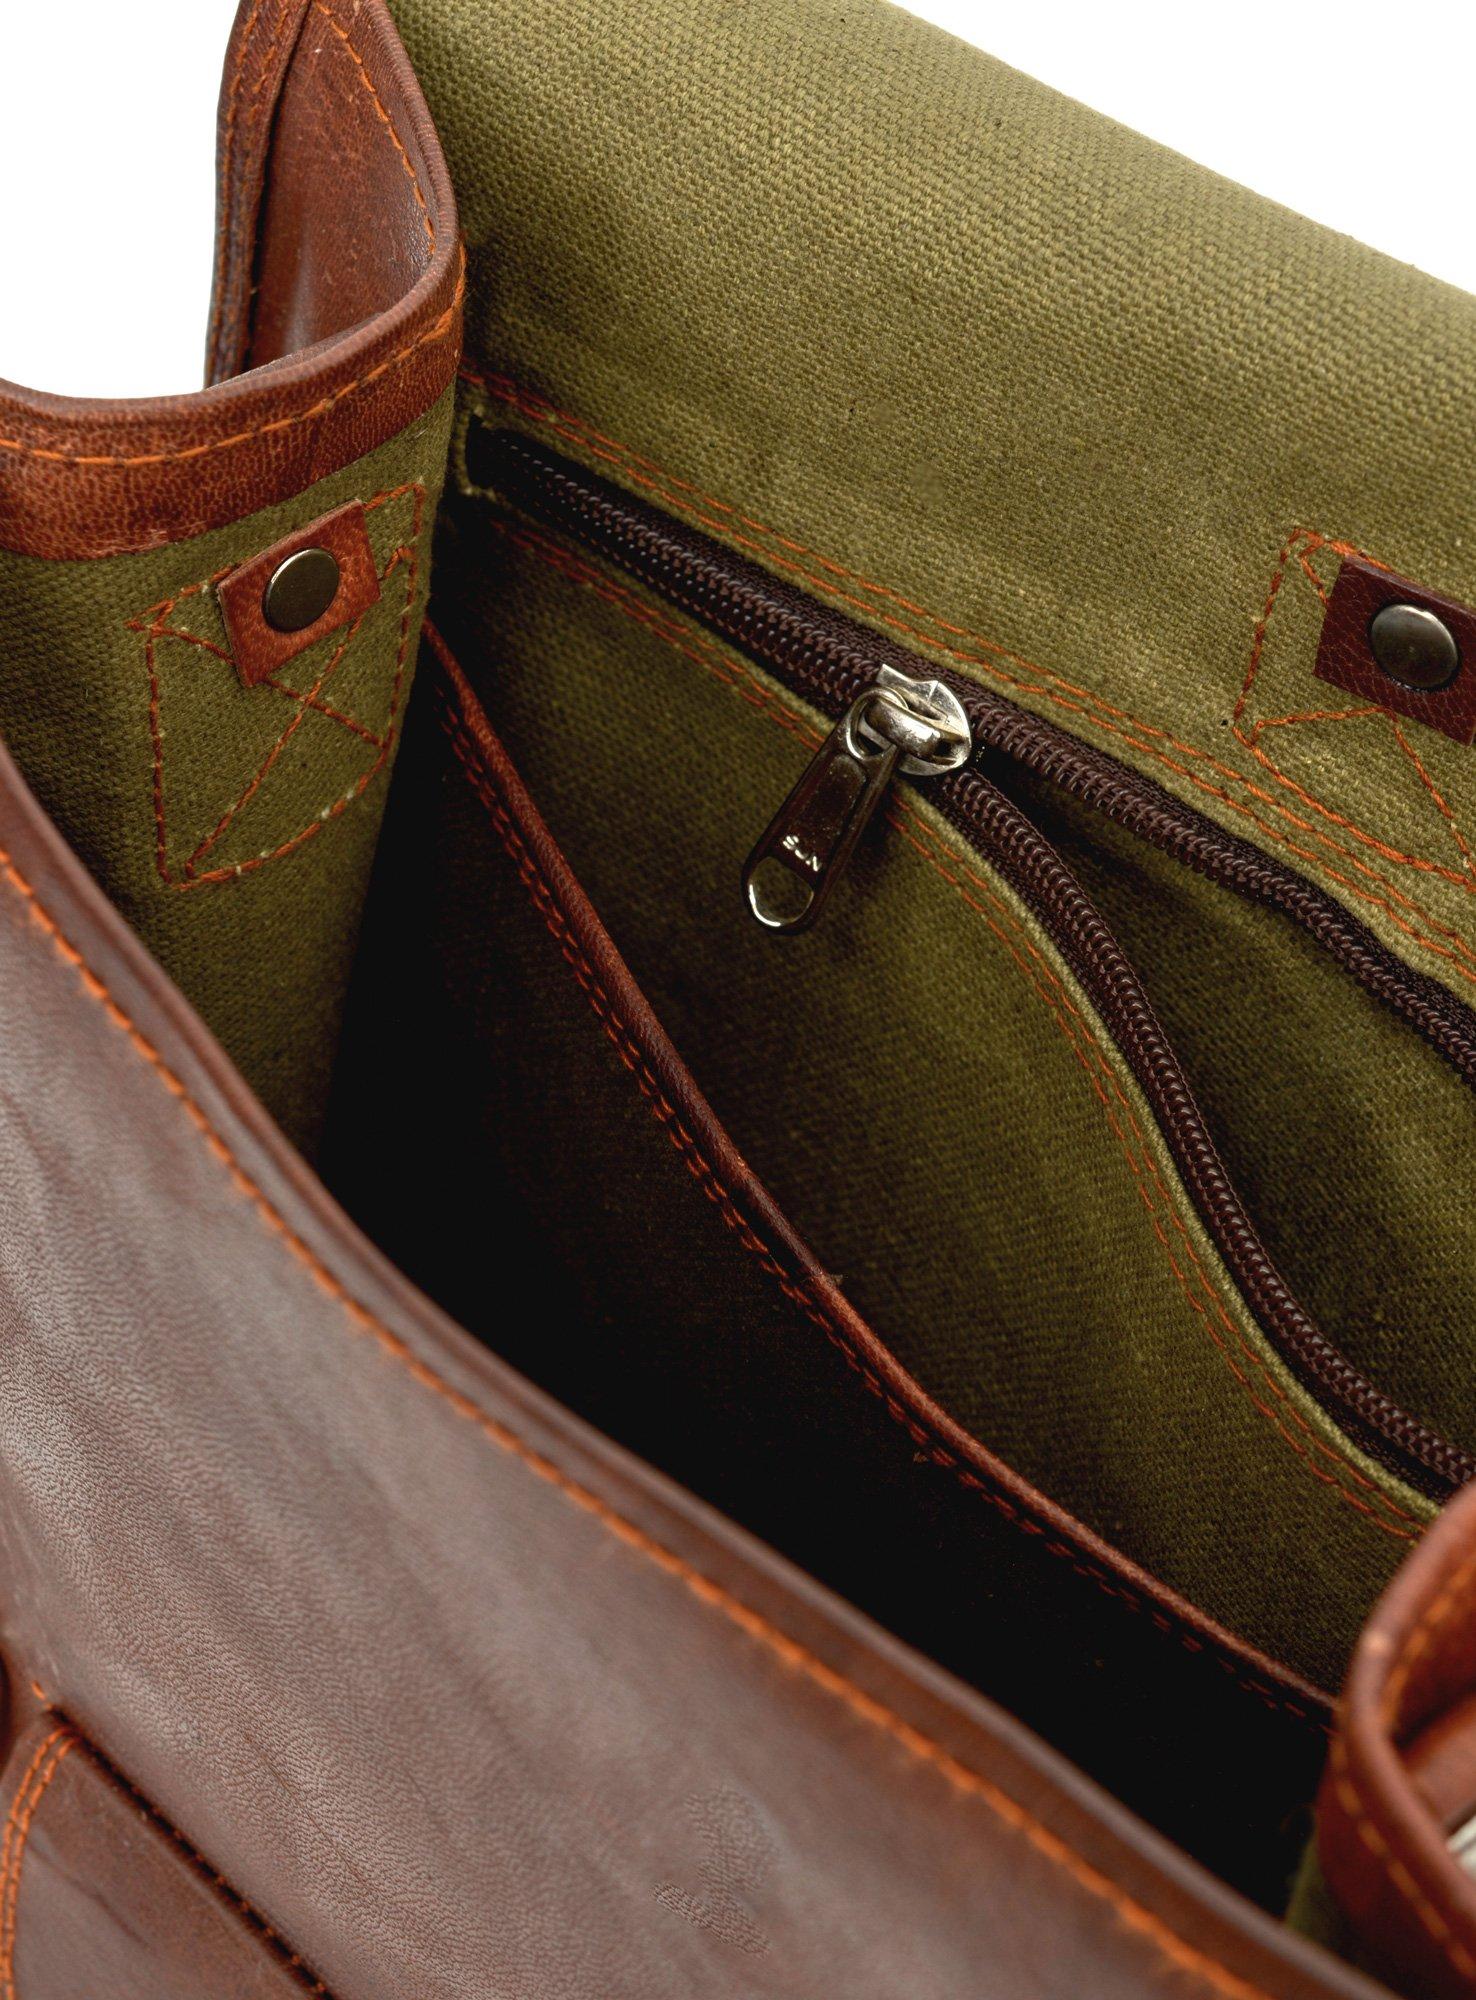 81stgeneration Men's Women's Genuine Large Leather Vertical Messenger Style Backpack Shoulder Bag by 81stgeneration (Image #4)